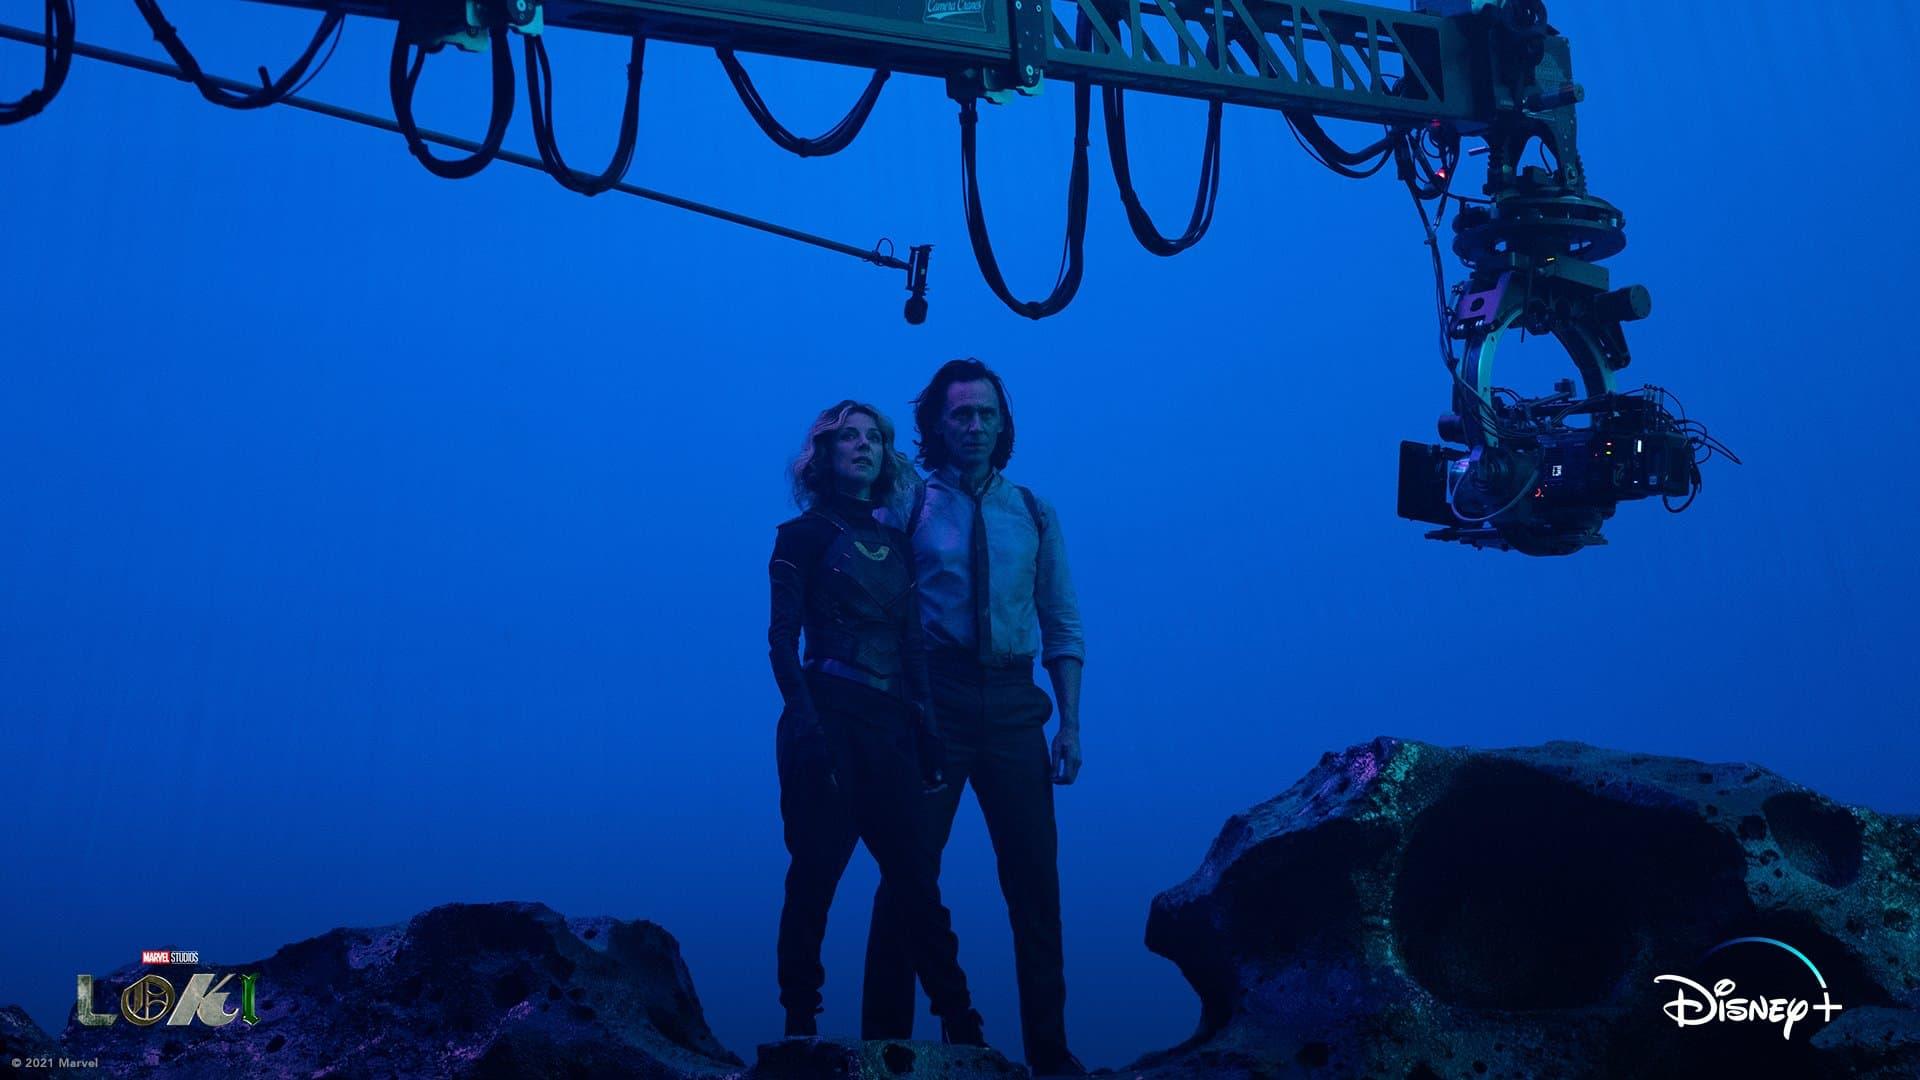 Unidos: así es el especial de Loki con el detrás de cámara de la serie